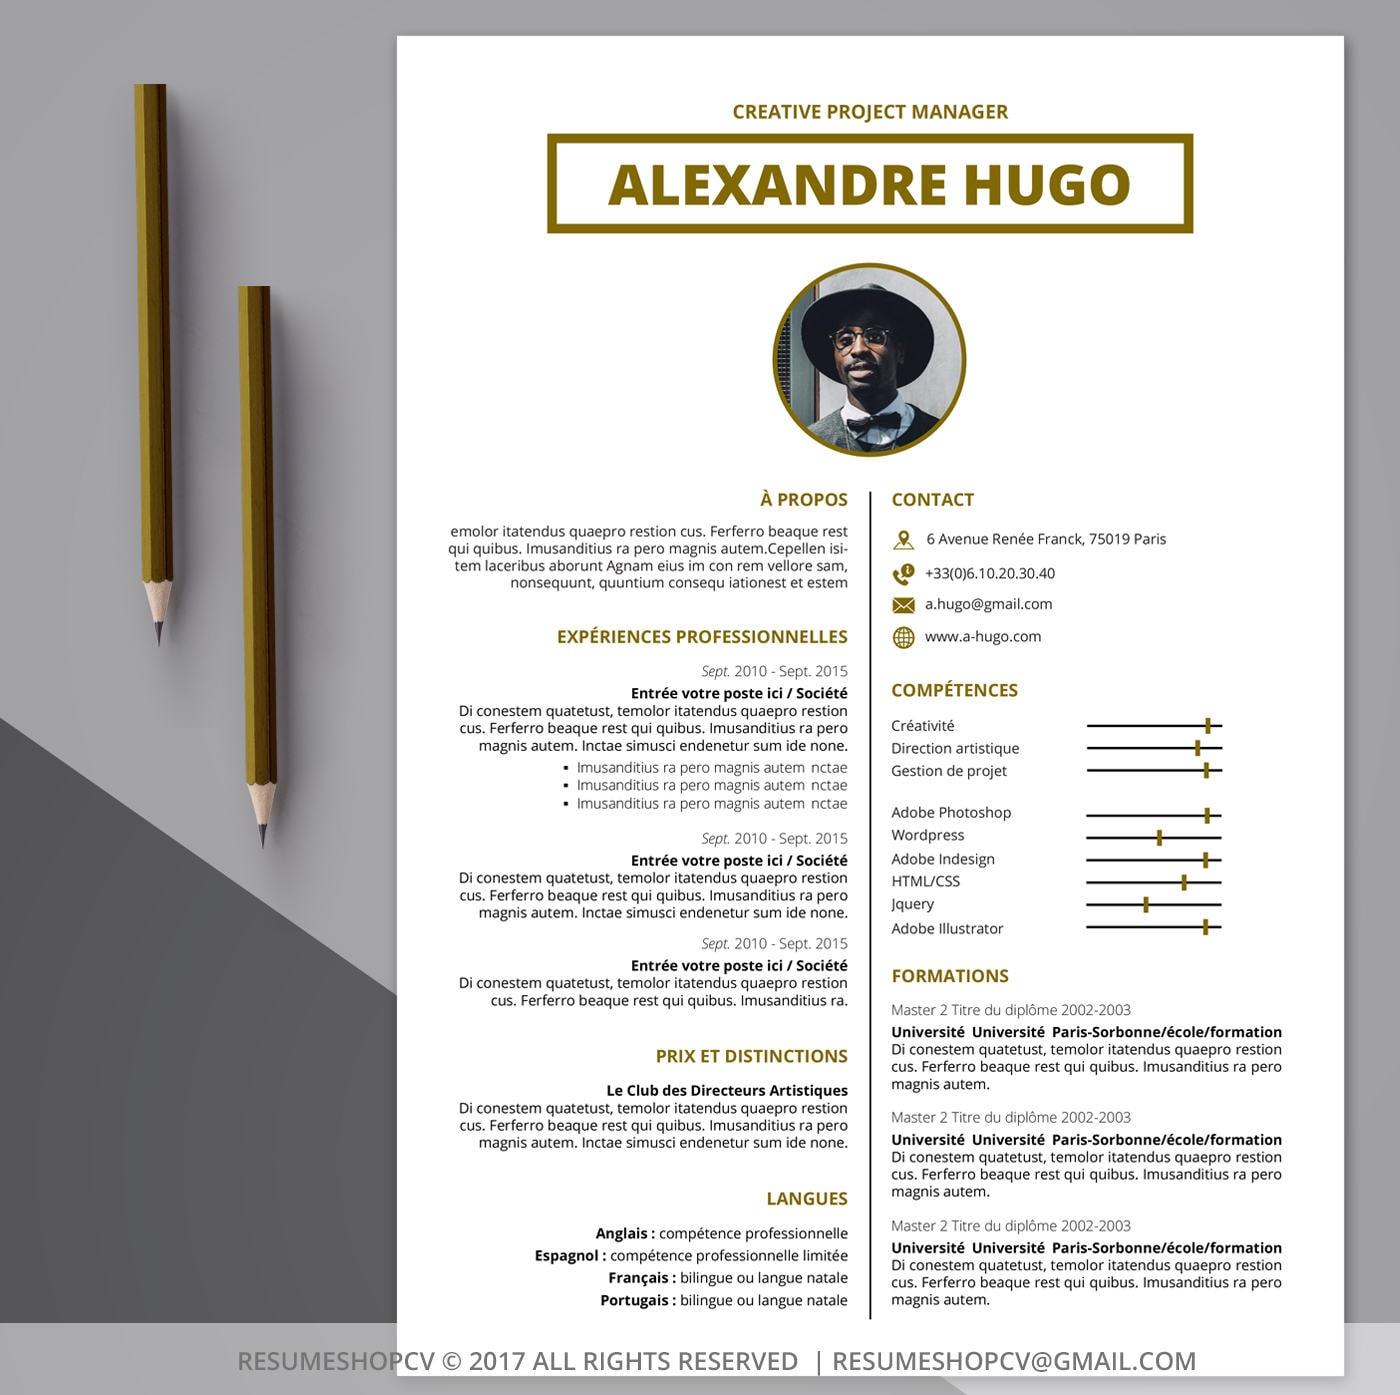 3 CV / reanudar profesional, moderno y gráfico + 3 Pack de imagen de Microsoft Word + carta de motivación (GoldWorker 7.0)